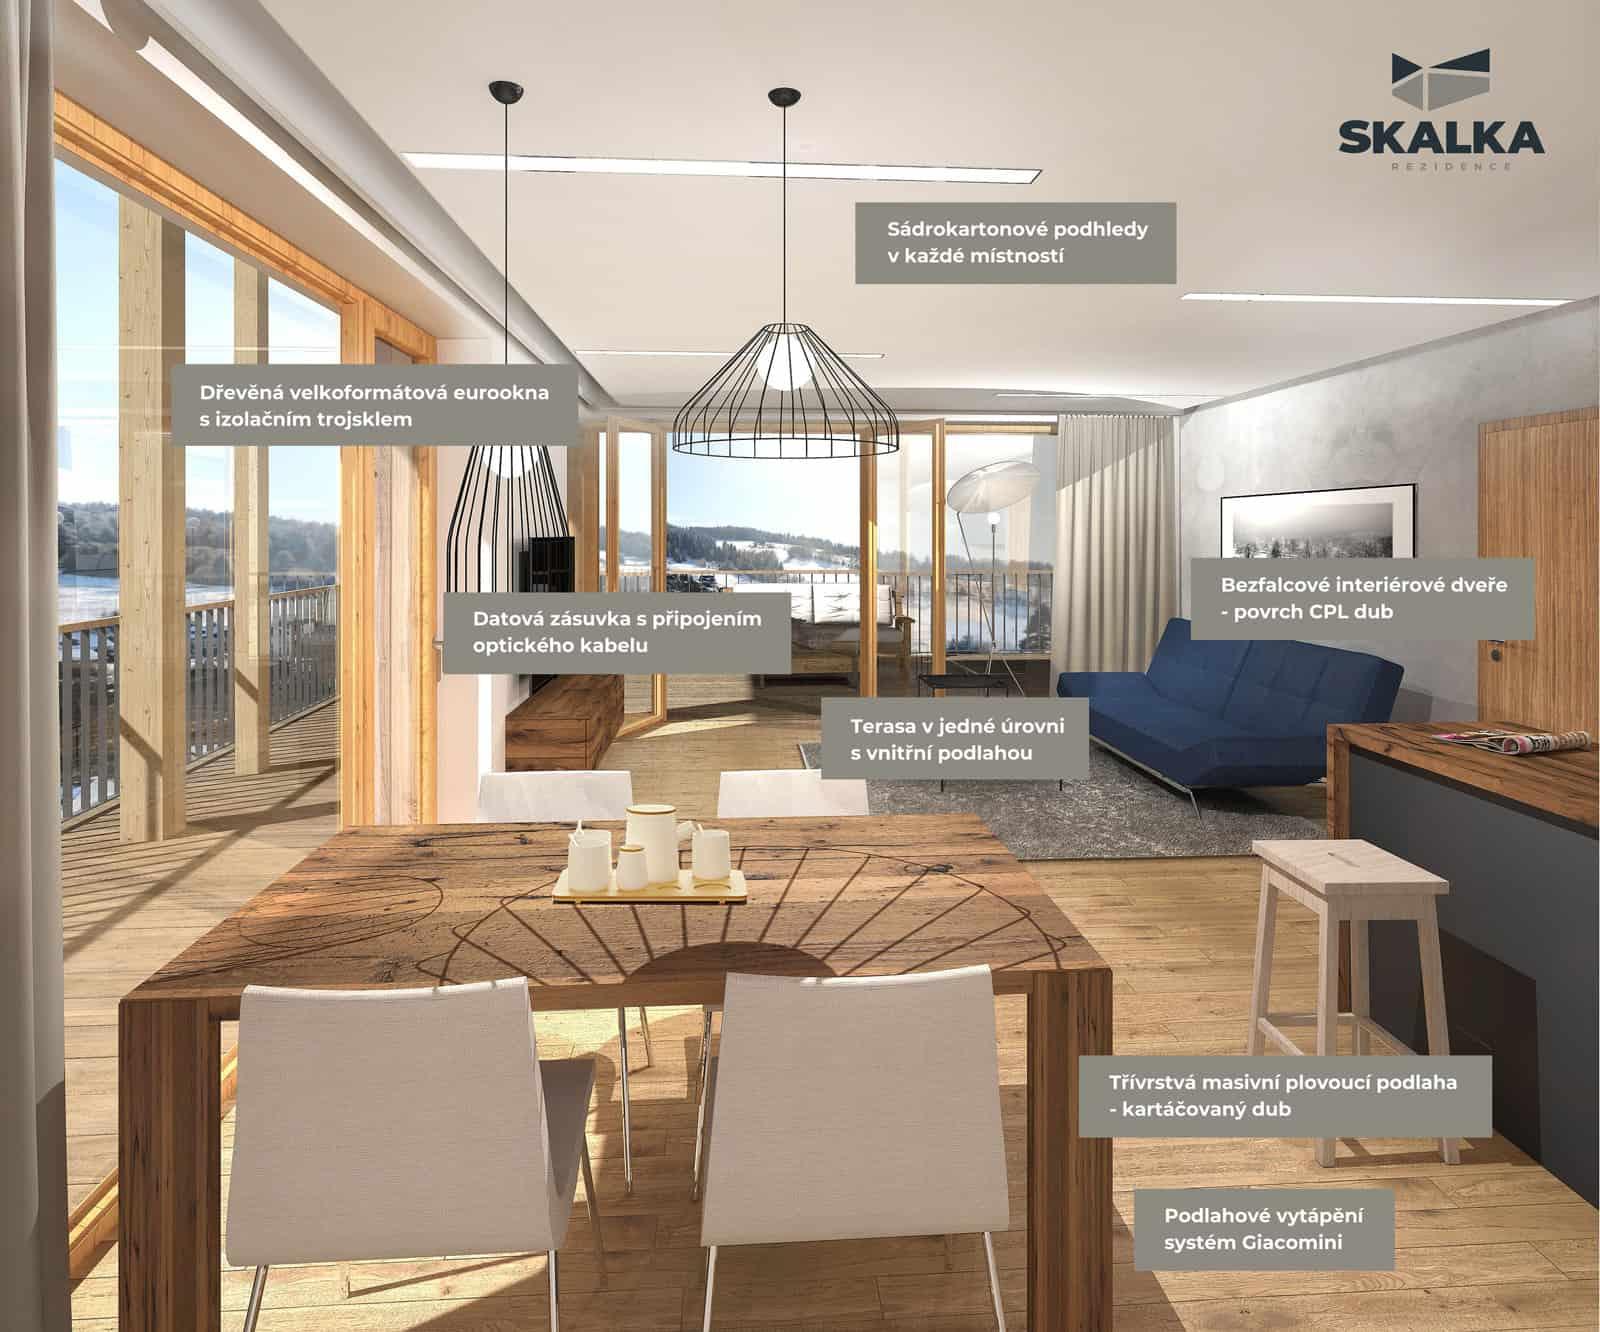 Rezidence-Skalka-Zelezna-Ruda-OP-standardy_6